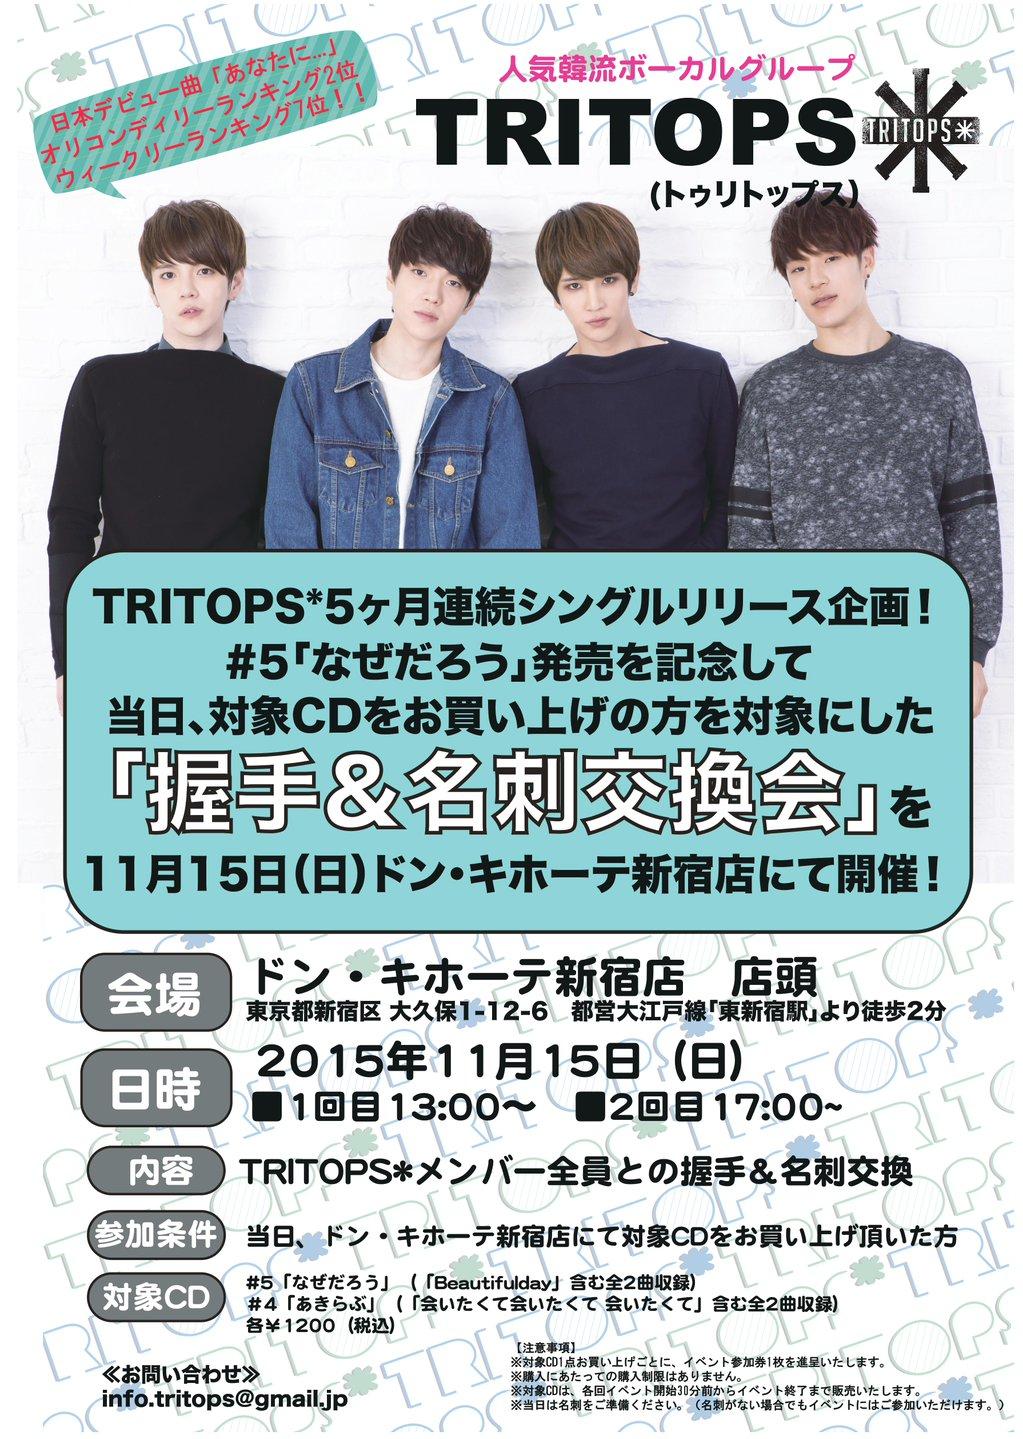 ドンキ新宿店にてTRITOPS(トゥリトップス)握手&名刺交換会11/15(日)